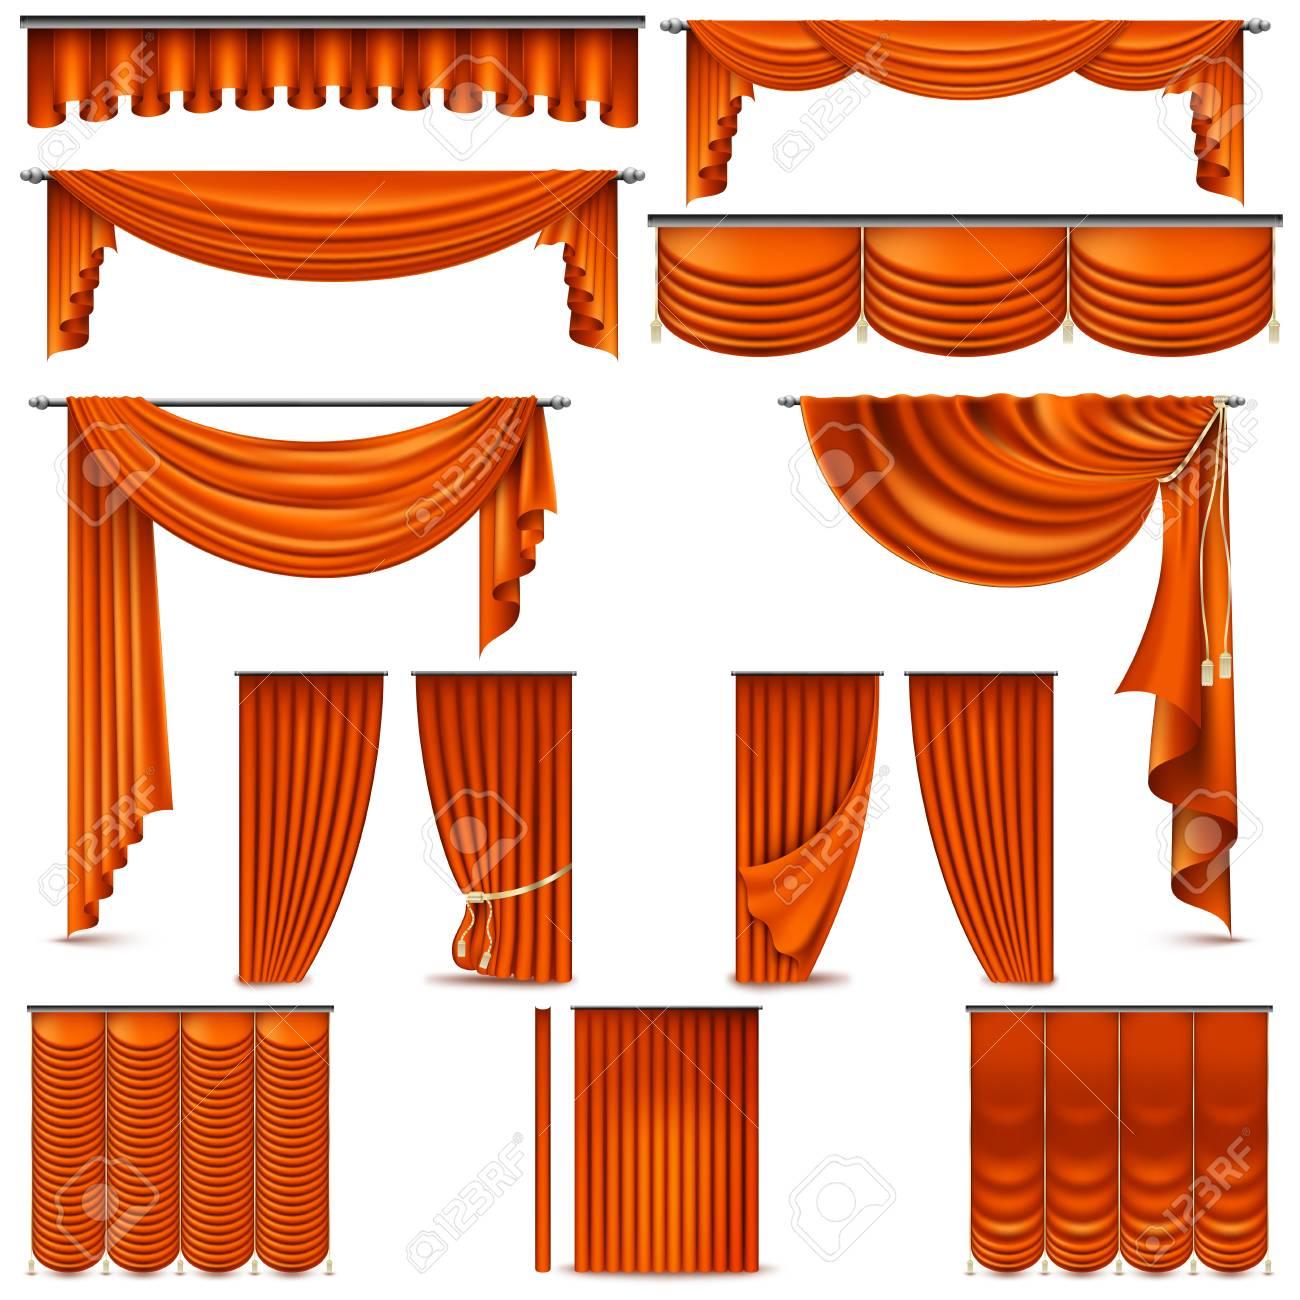 objet de decoration d interieur de rideaux et tentures isole sur blanc pour la scene de theatre